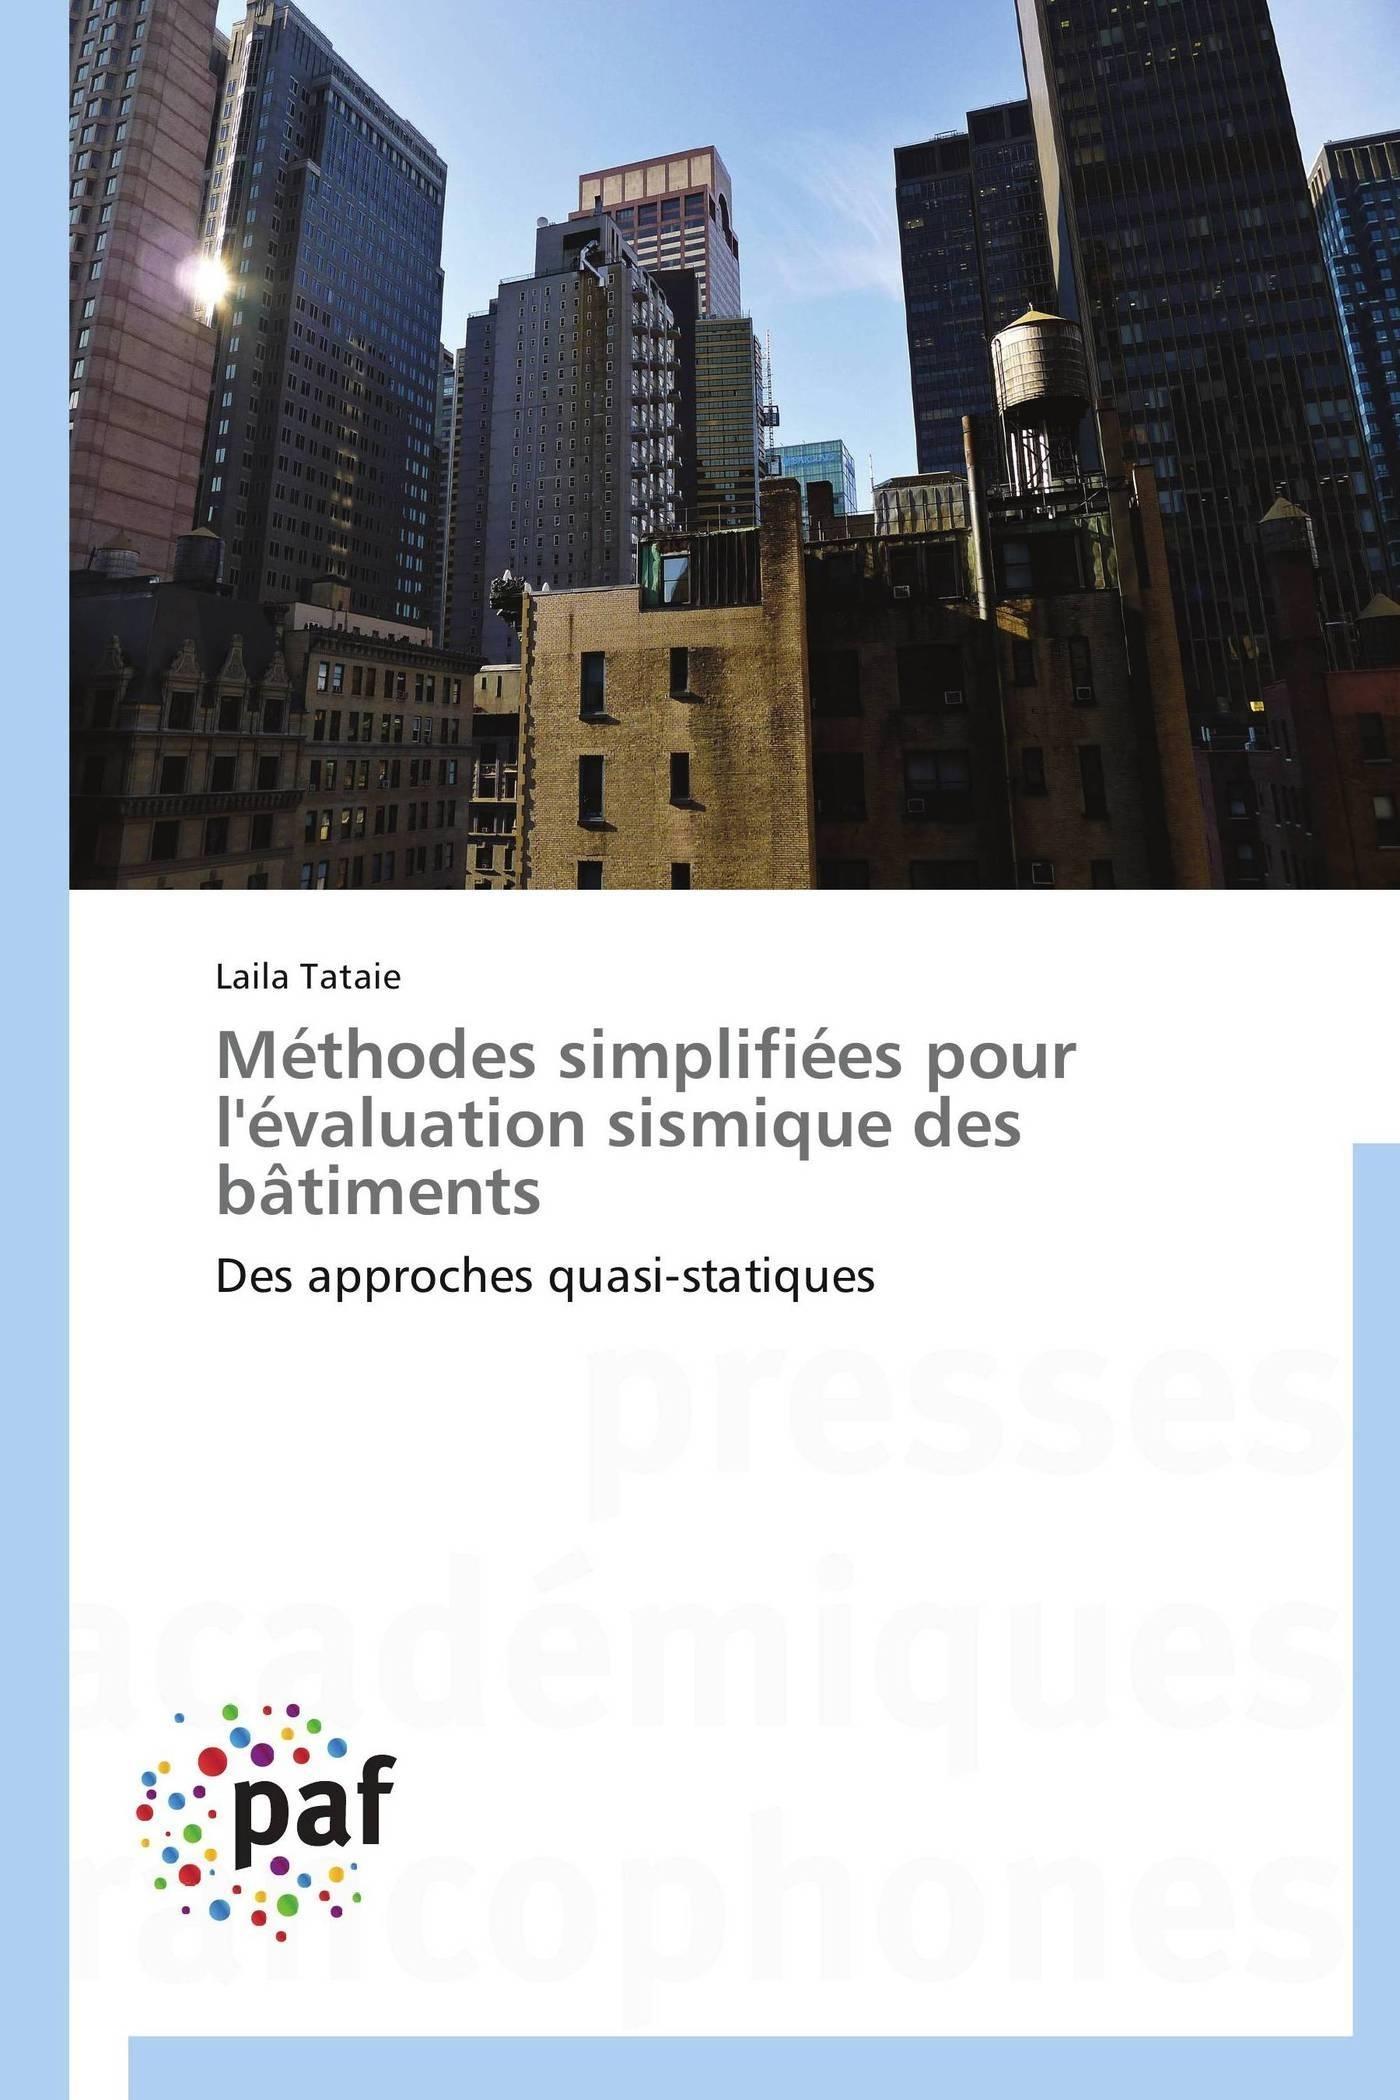 METHODES SIMPLIFIEES POUR L'EVALUATION SISMIQUE DES BATIMENTS